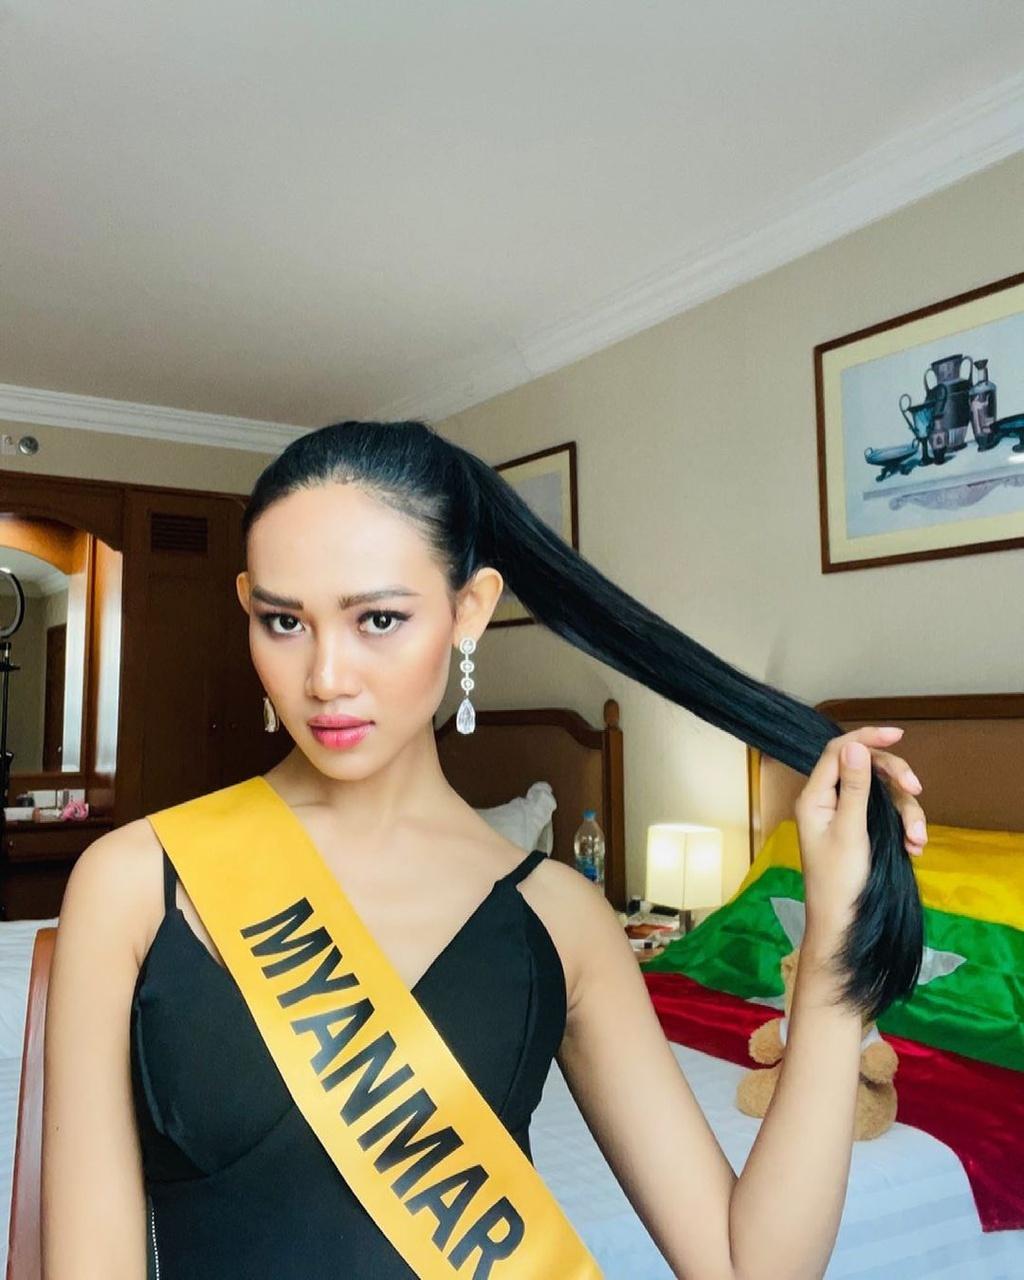 Hành trình của Hoa hậu Hòa bình Myanmar tại cuộc thi sắc đẹp